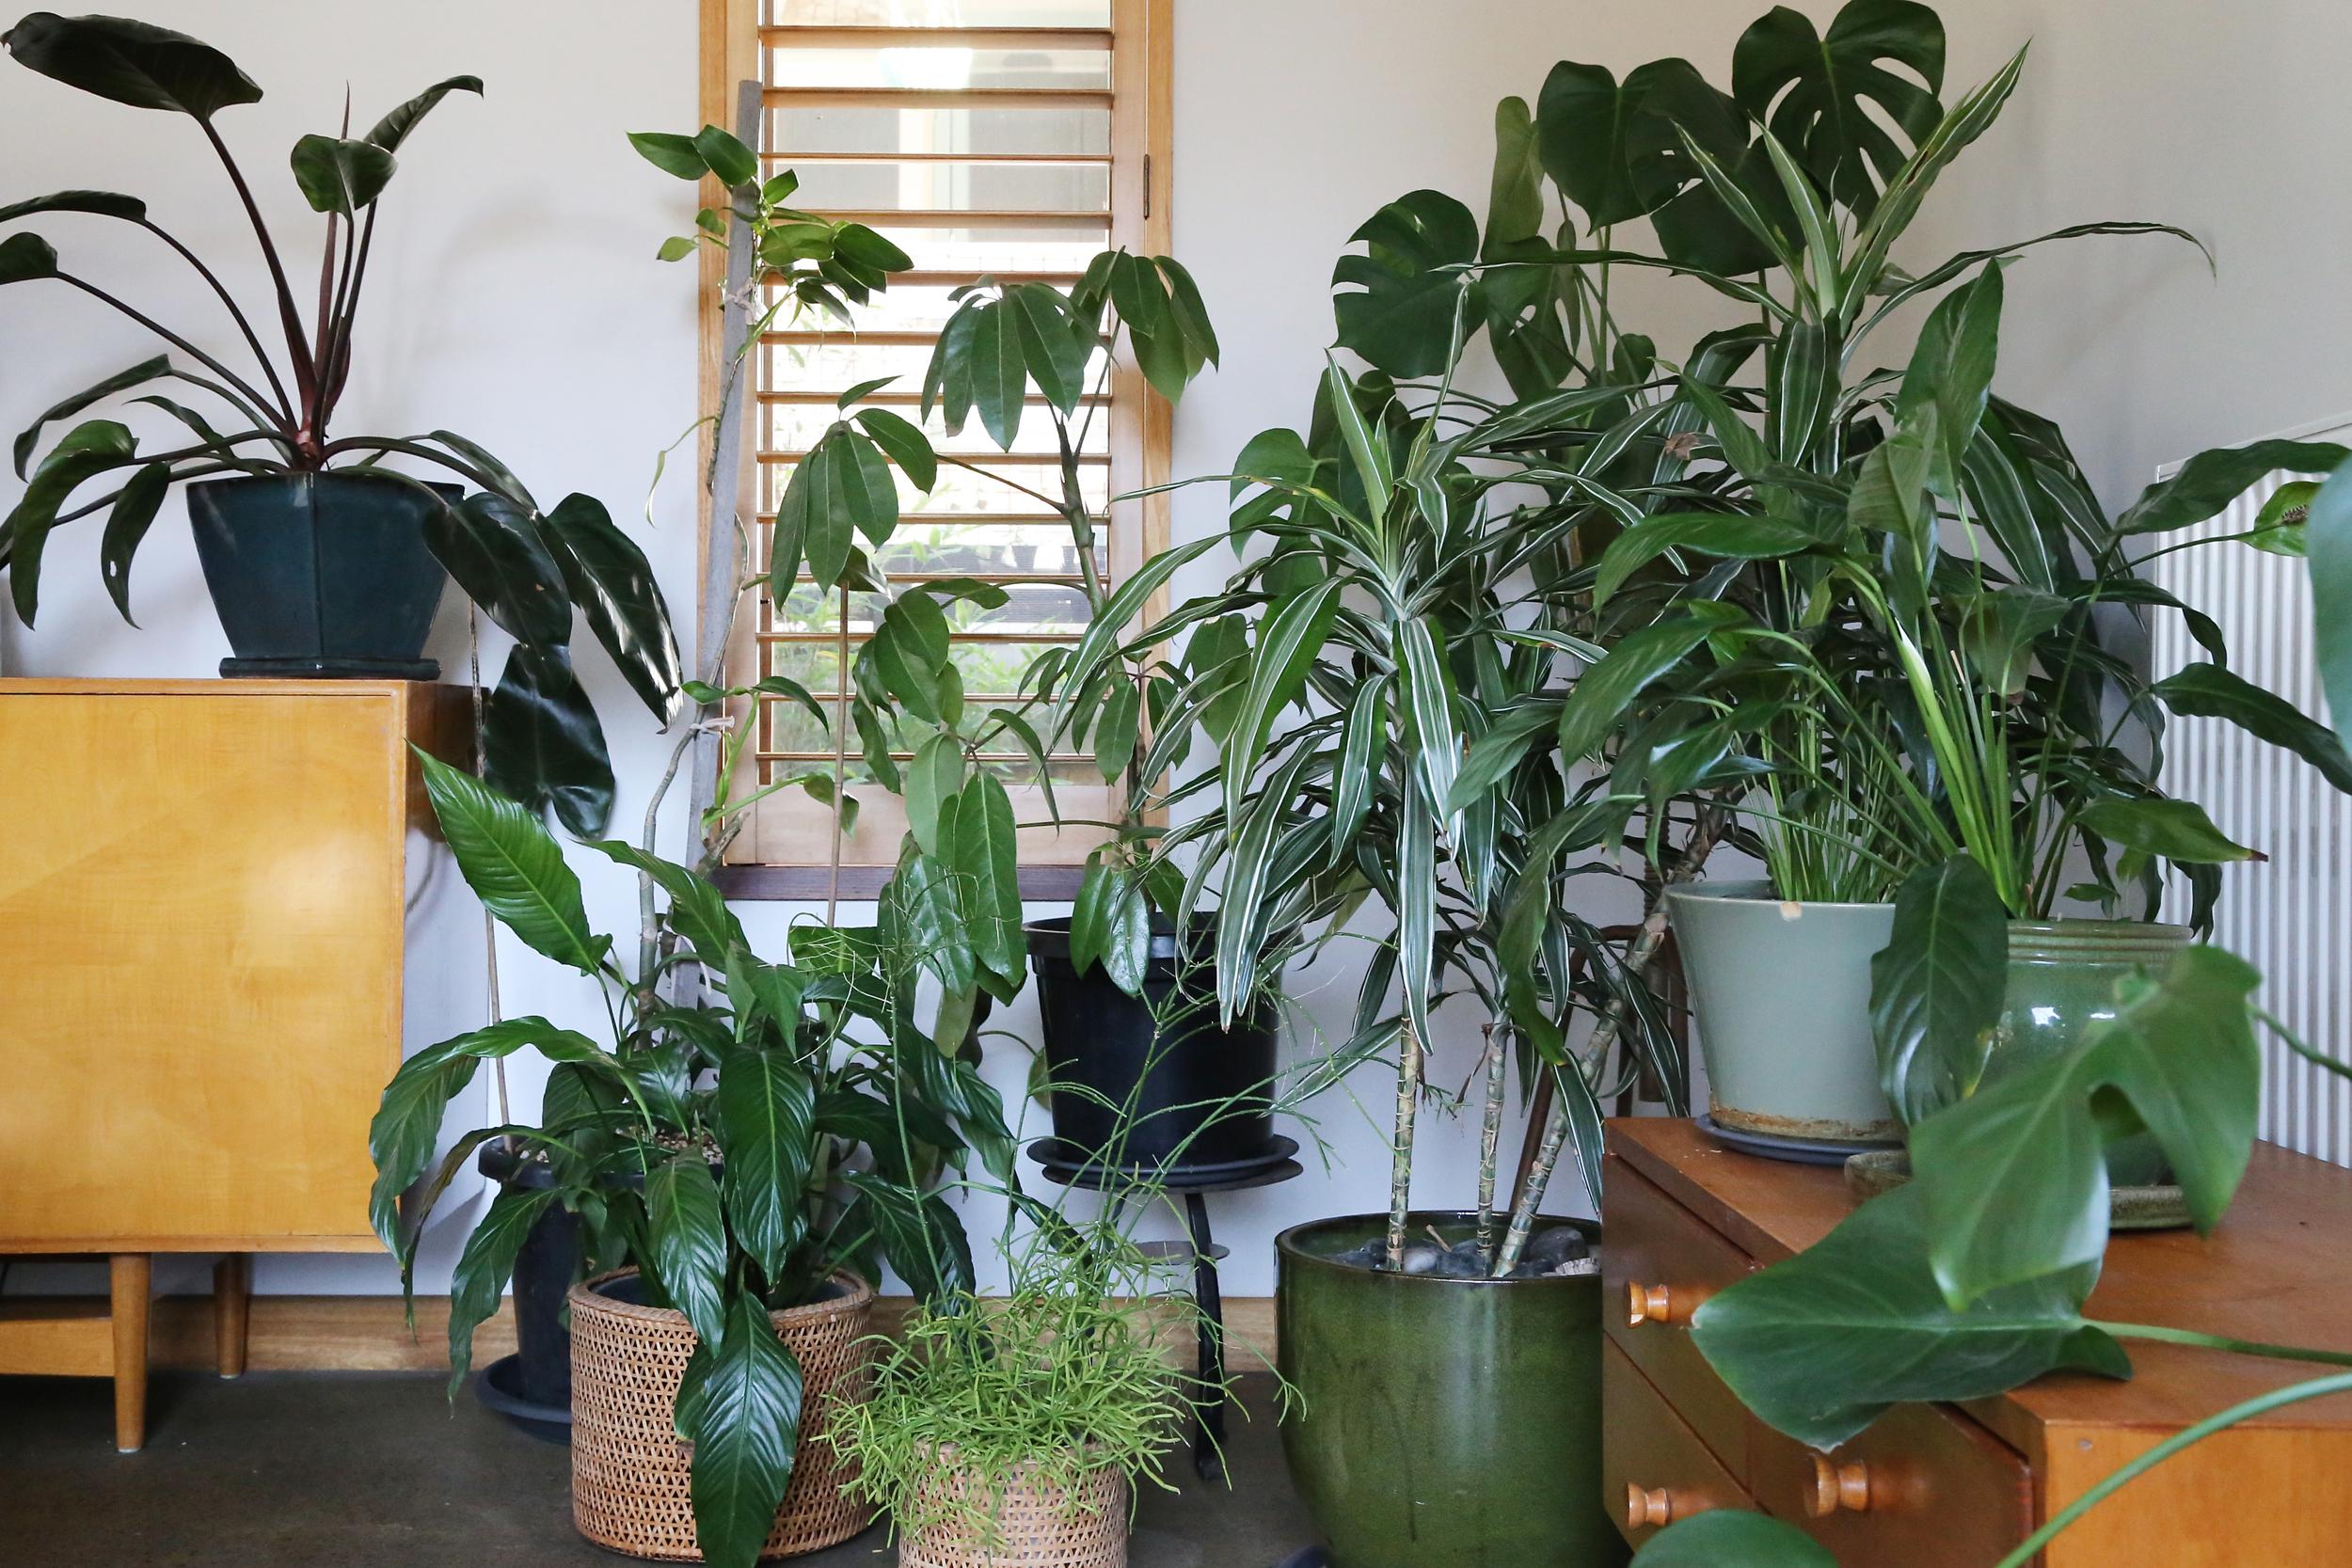 eco interiors, sustainable interior design, sustainable interiors